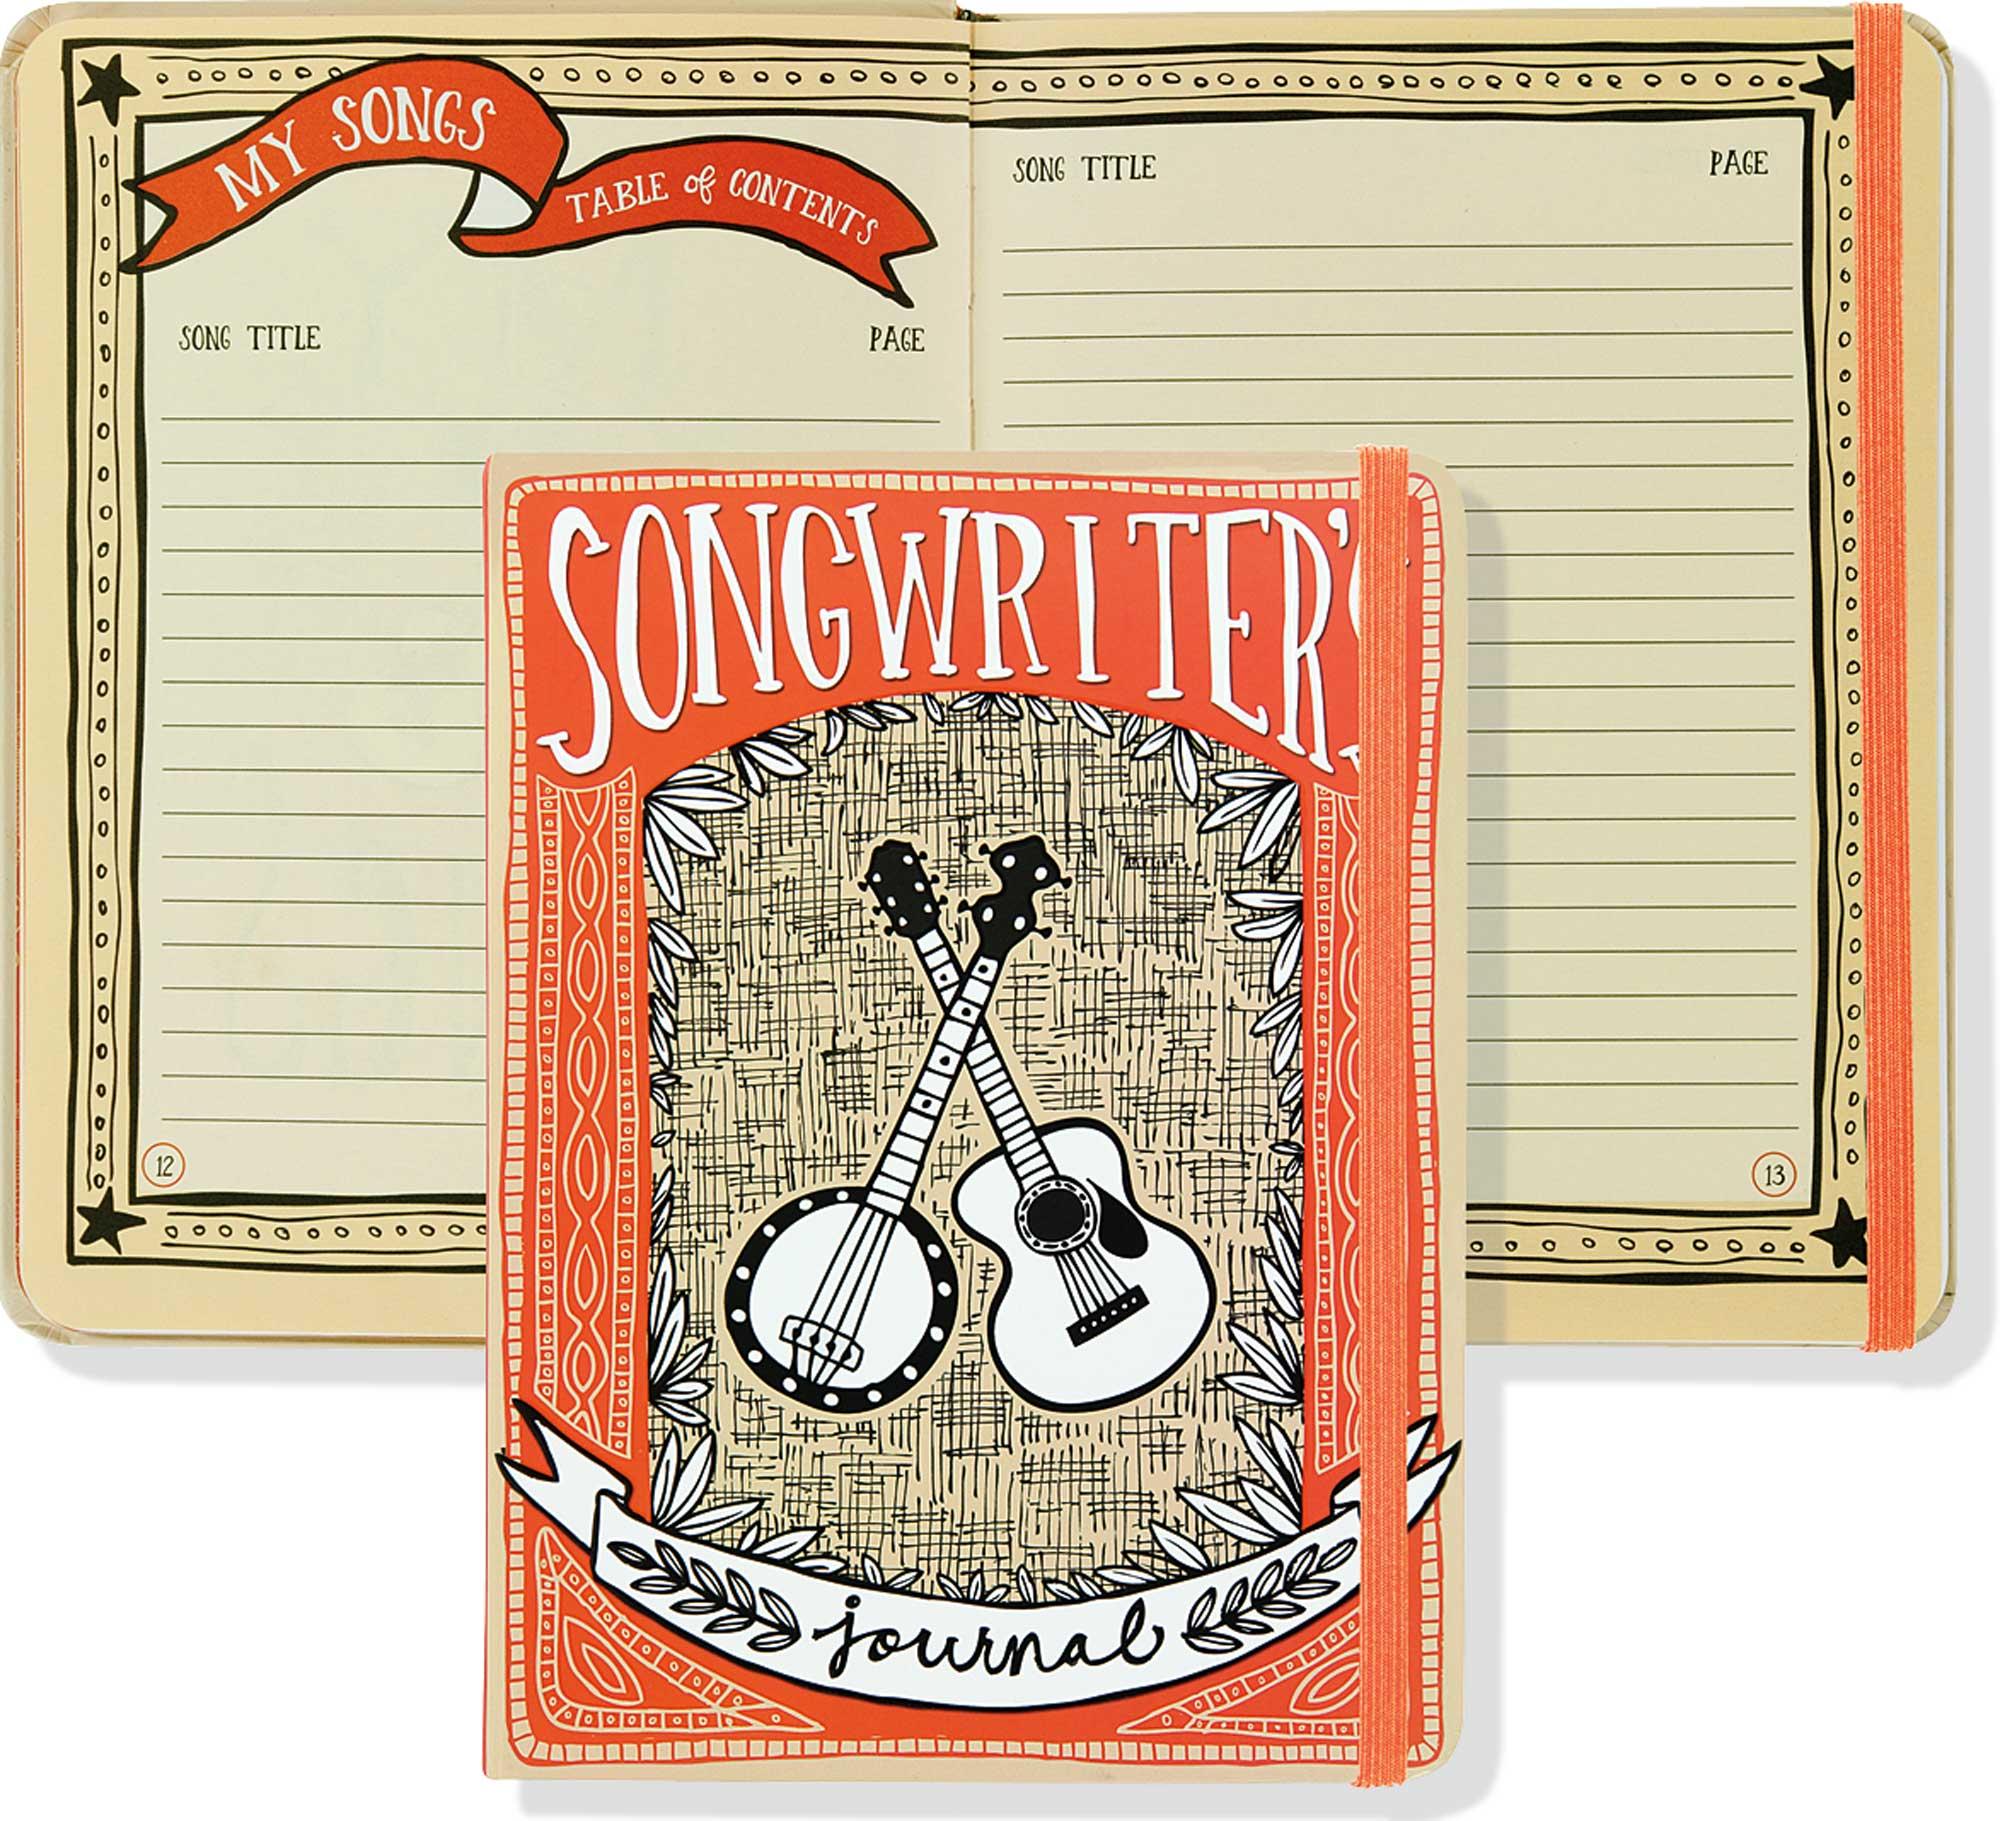 songwriter2.jpg